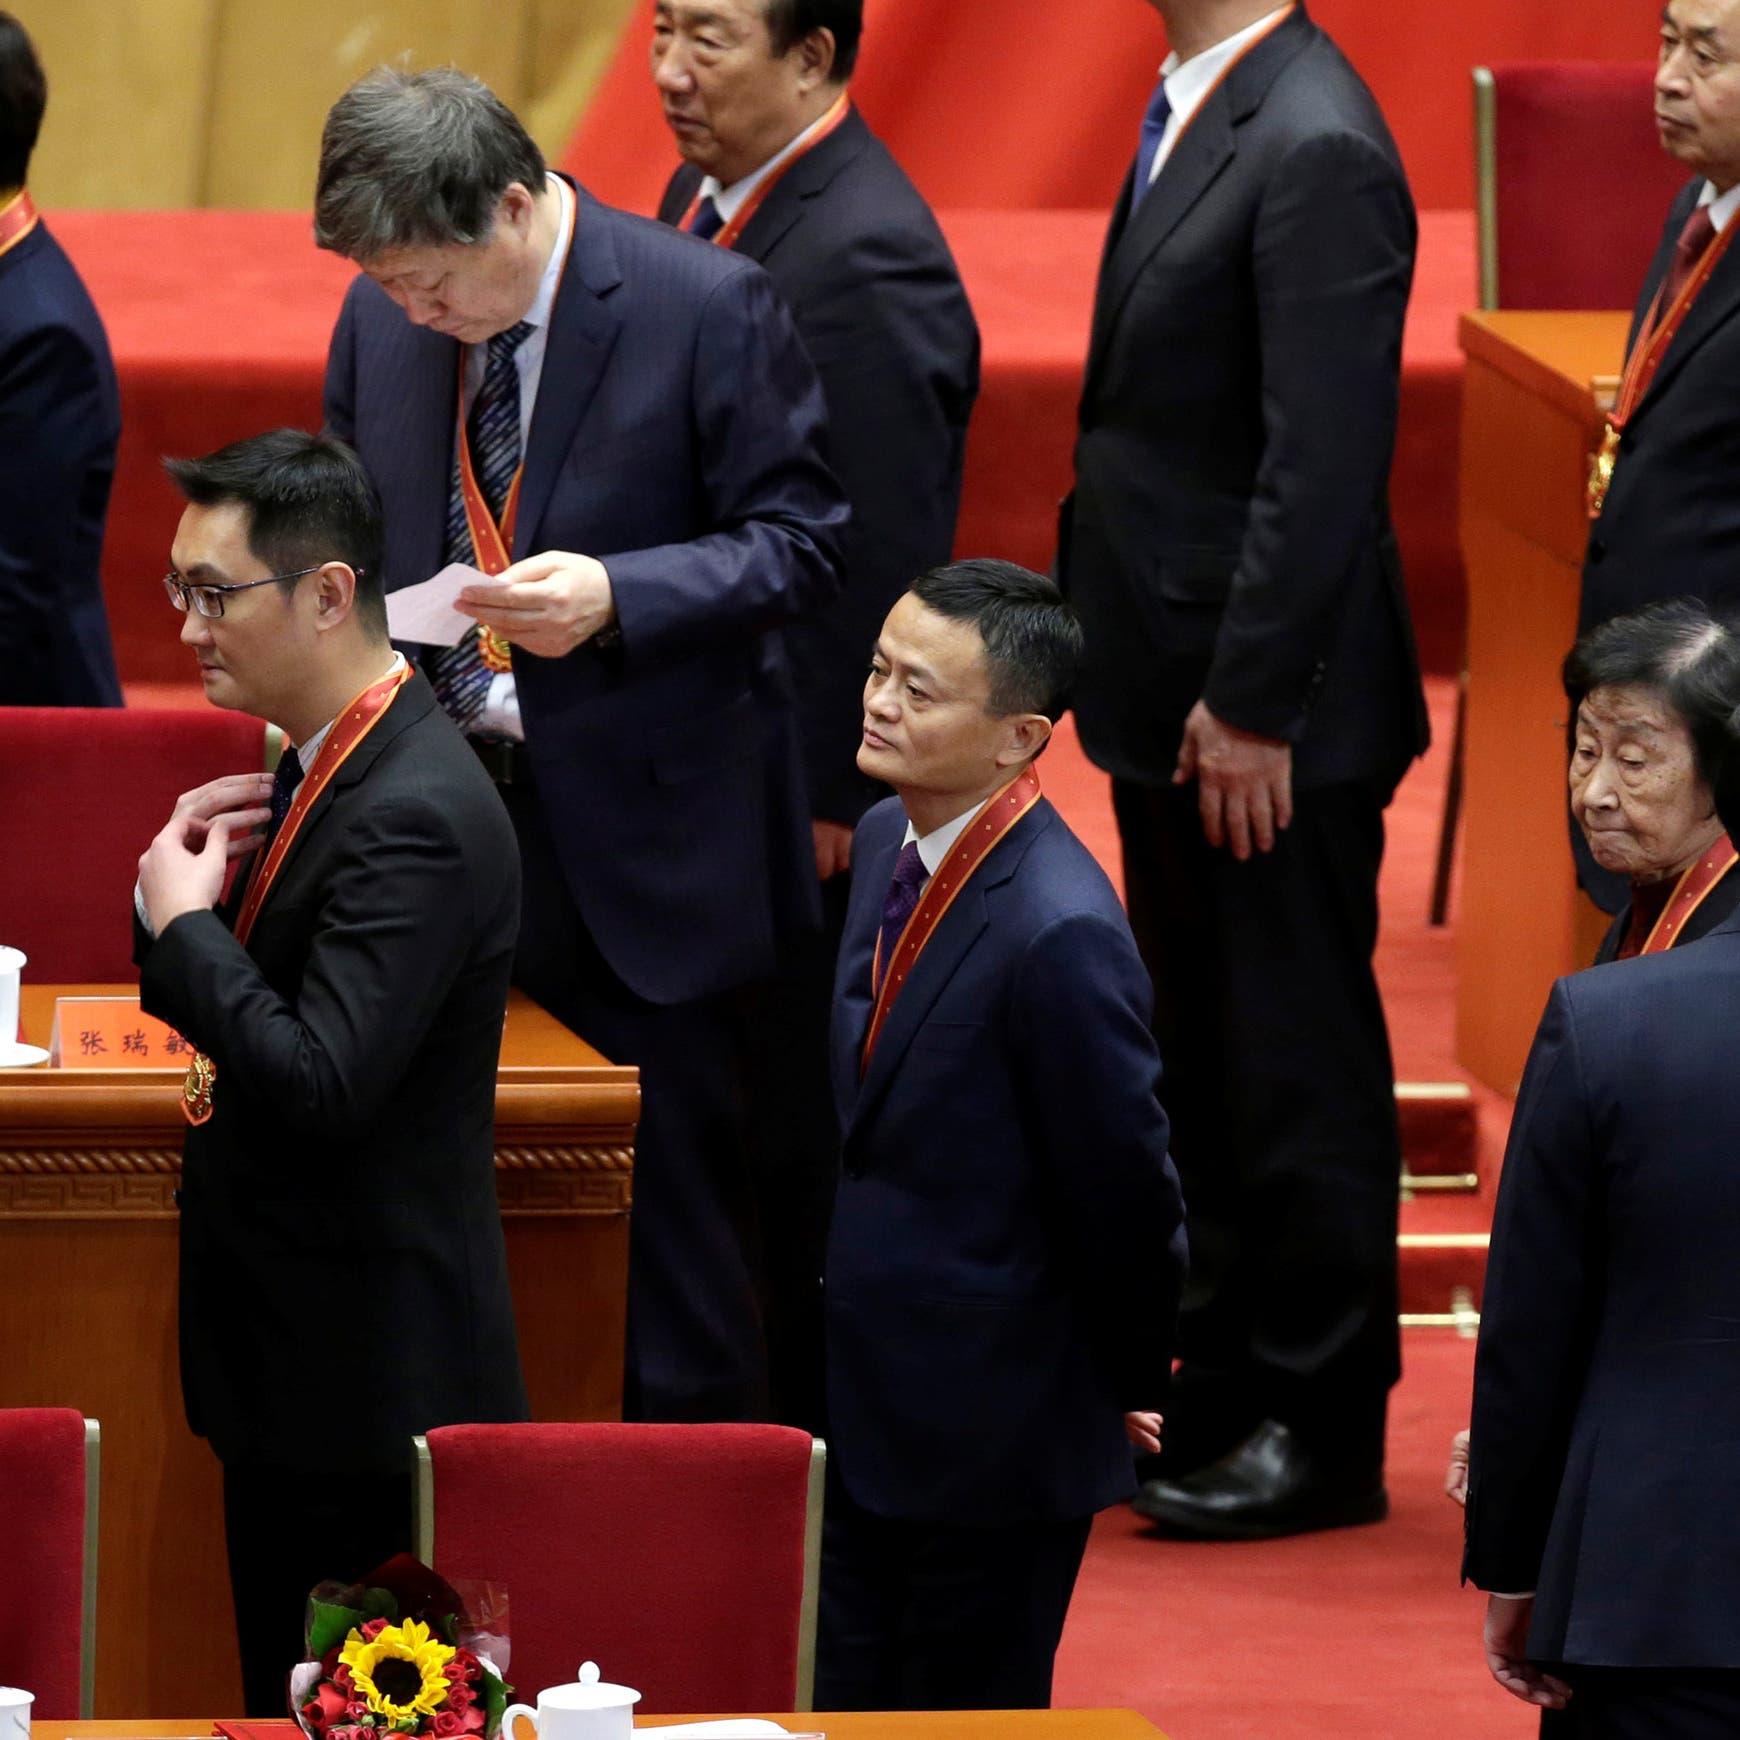 مليارات تتلاشى.. أكثر المليارديرات امتثالاً في الصين ليسوا محصنين ضد الخسائر